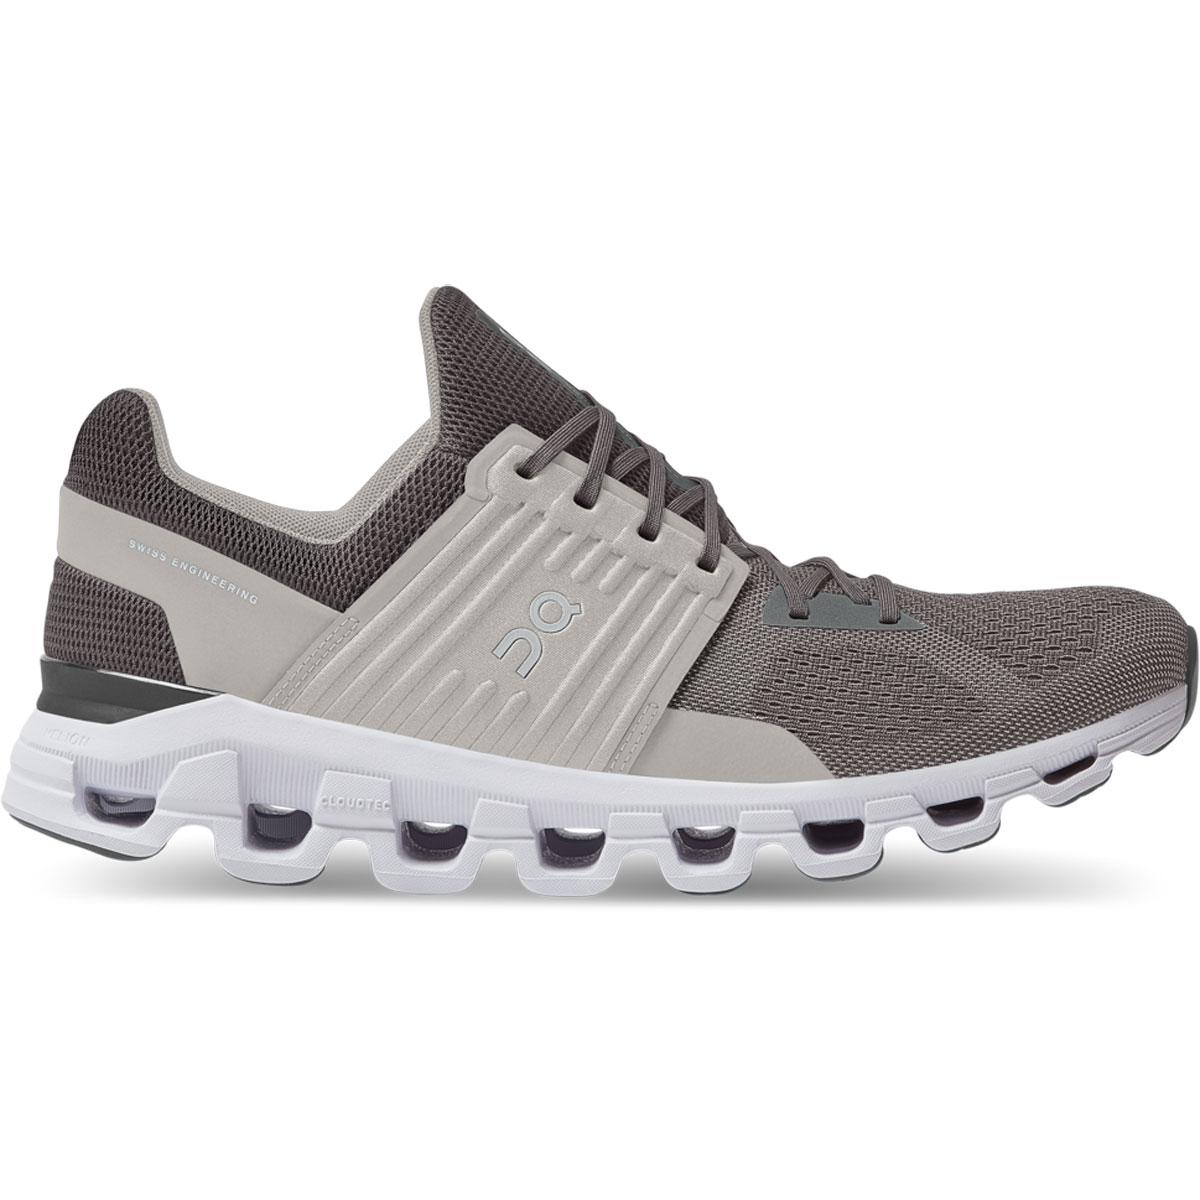 Men's On Cloudswift 2.0 Running Shoe - Color: Rock/Slate - Size: 7 - Width: Regular, Rock/Slate, large, image 1